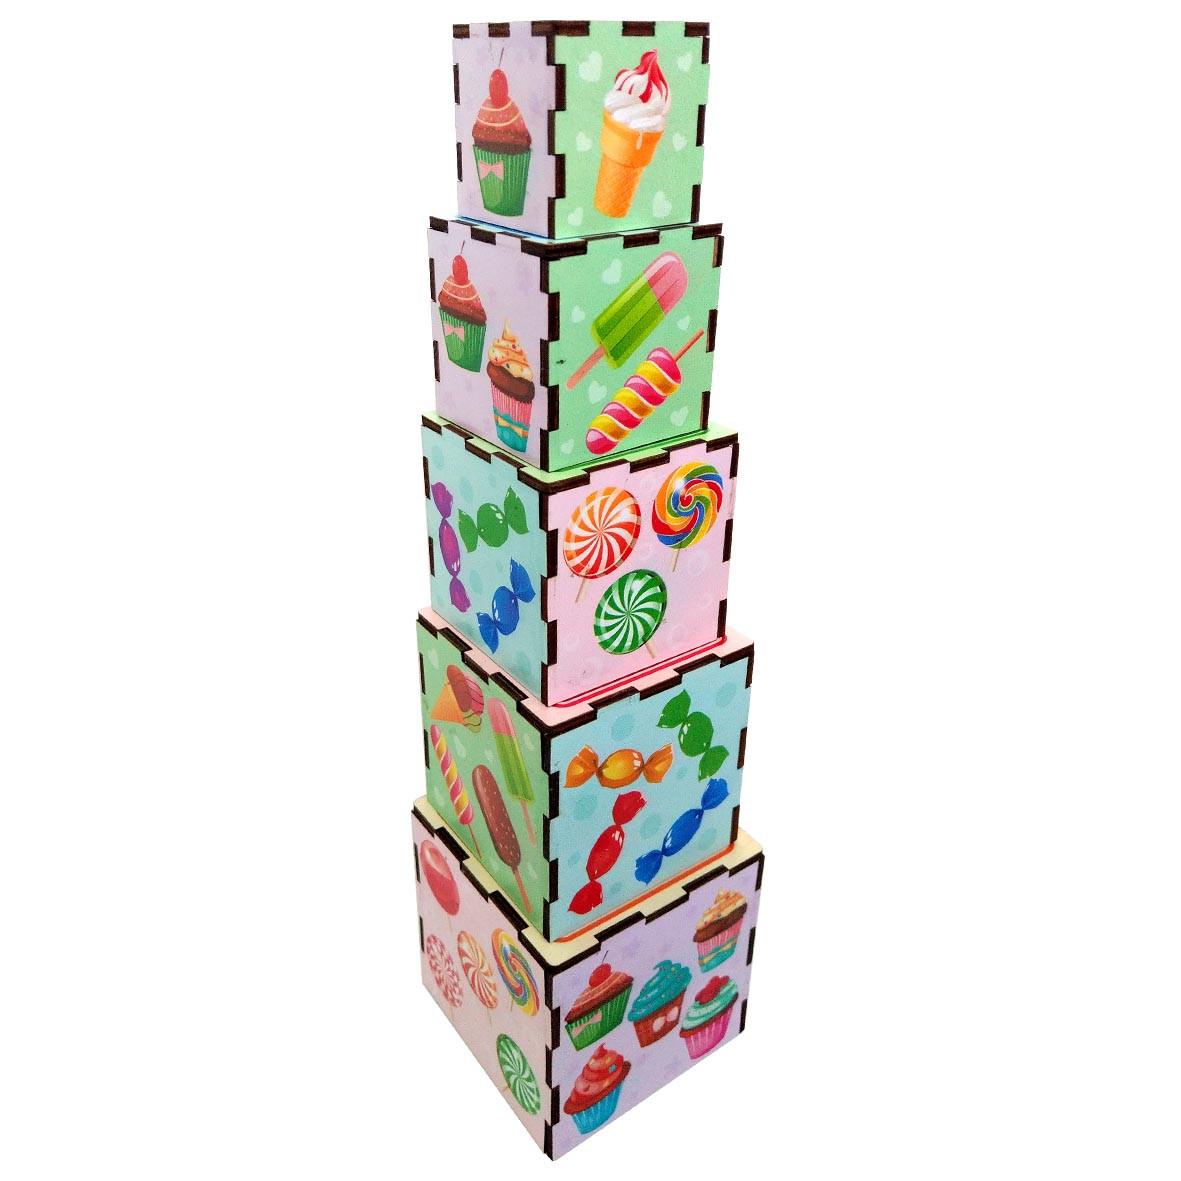 Кубики - матрёшки: Сладости